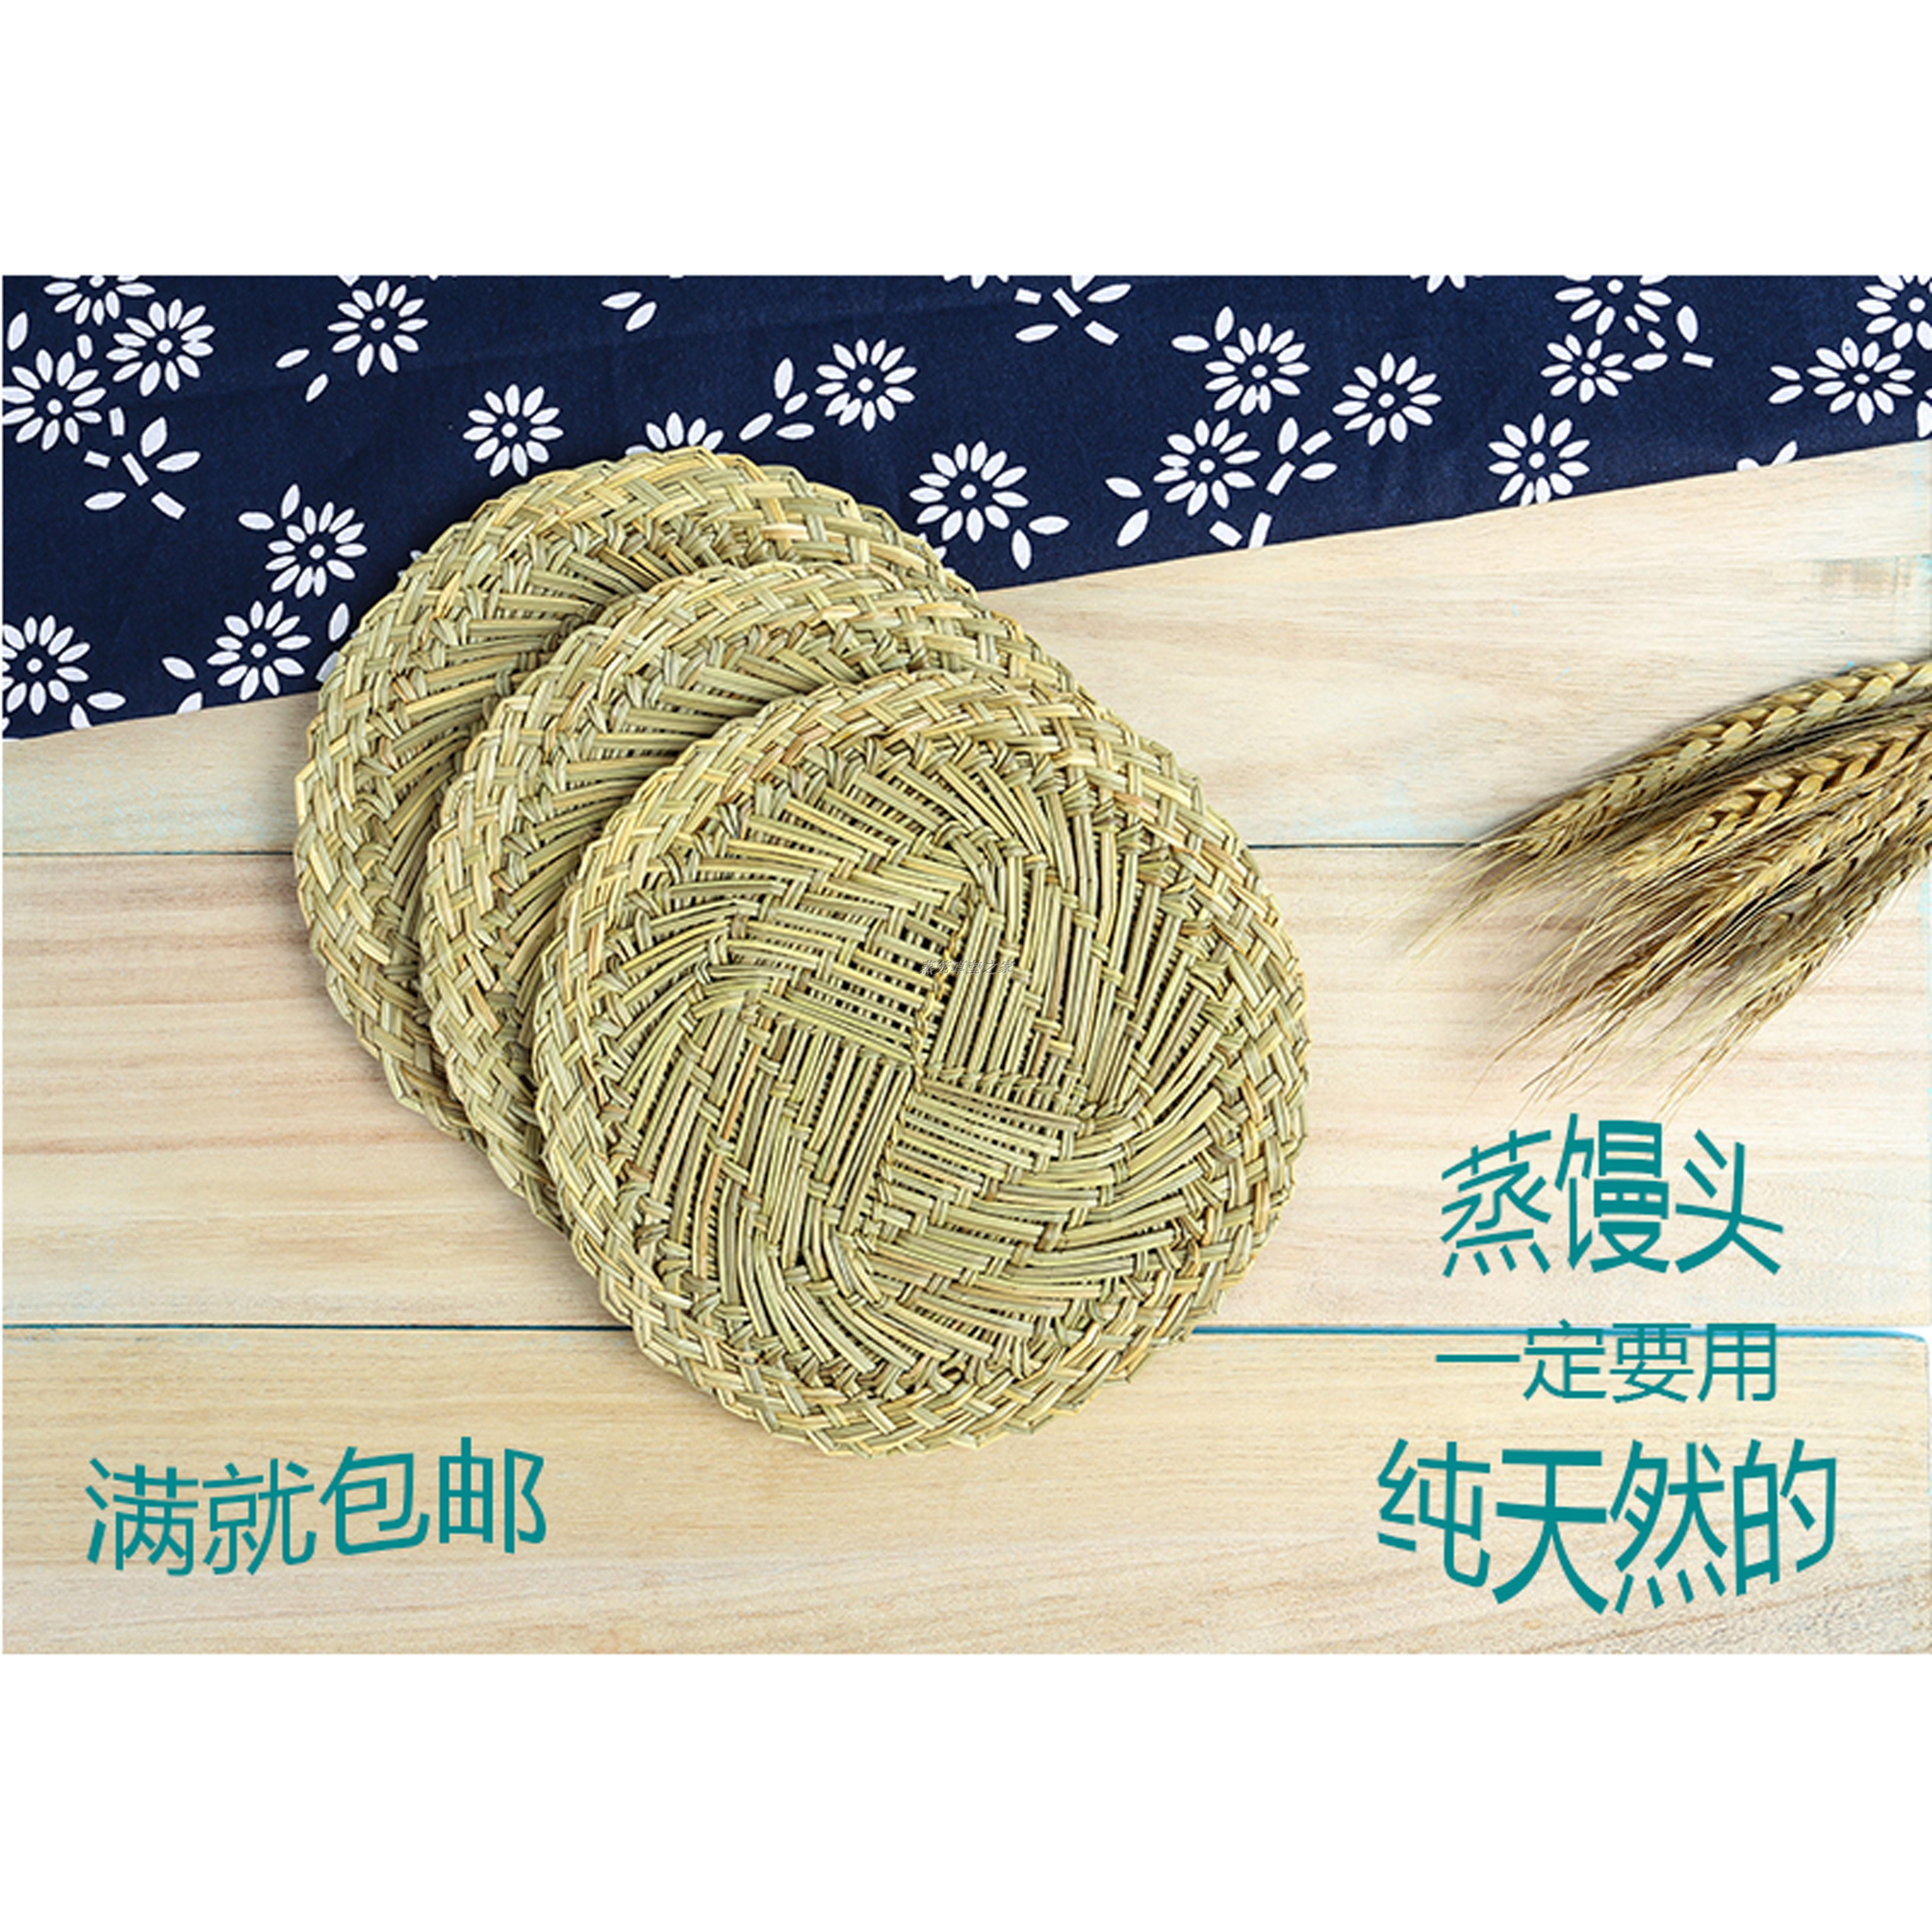 蒸笼草垫子 方圆形不粘包子馒头垫家用纯手工编制加密透气商用